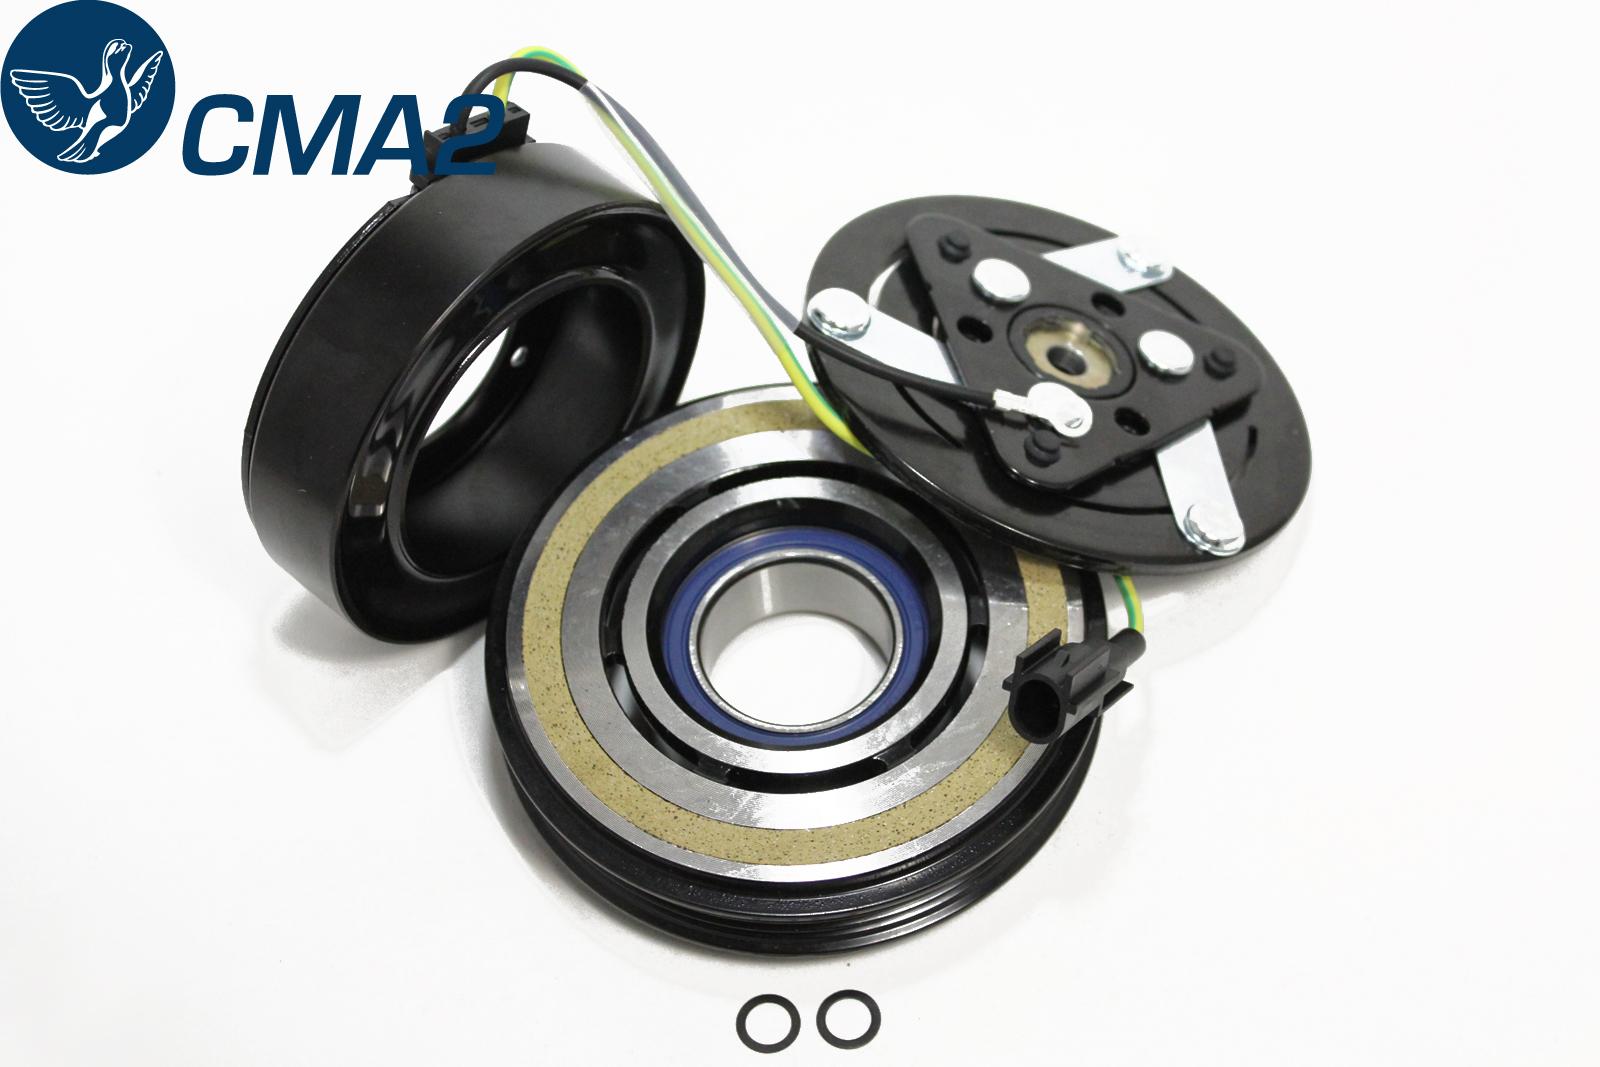 Муфта компрессора кондиционера Вольво XC90 XC70 V70 S60 S80 31332010